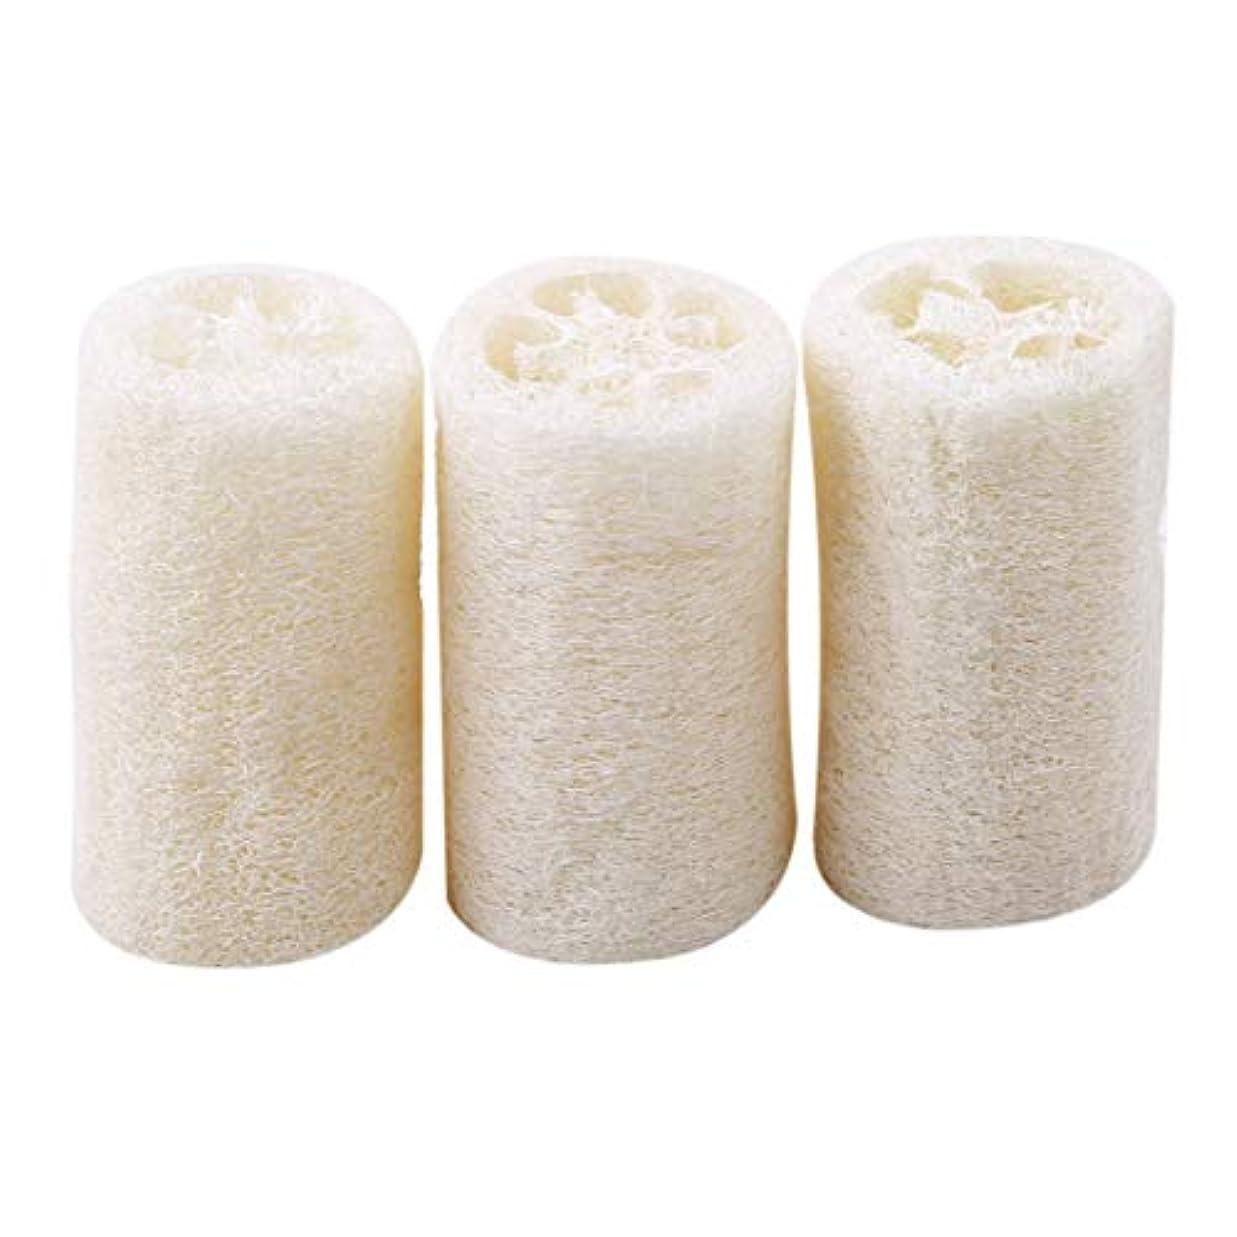 故国遺伝子物質Onior 耐久性 ボディースポンジ へちま お風呂 清掃 洗浄作業 3個セット